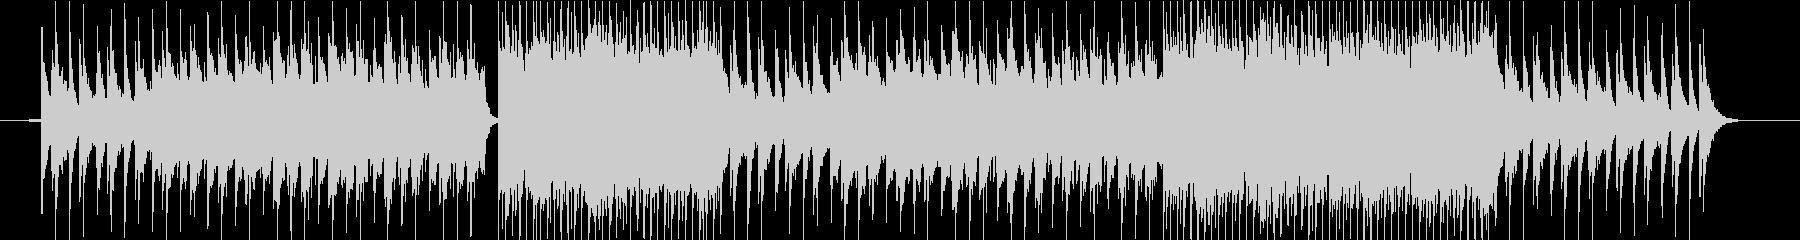 雄大-風景-感動-オーケストラ-PVの未再生の波形